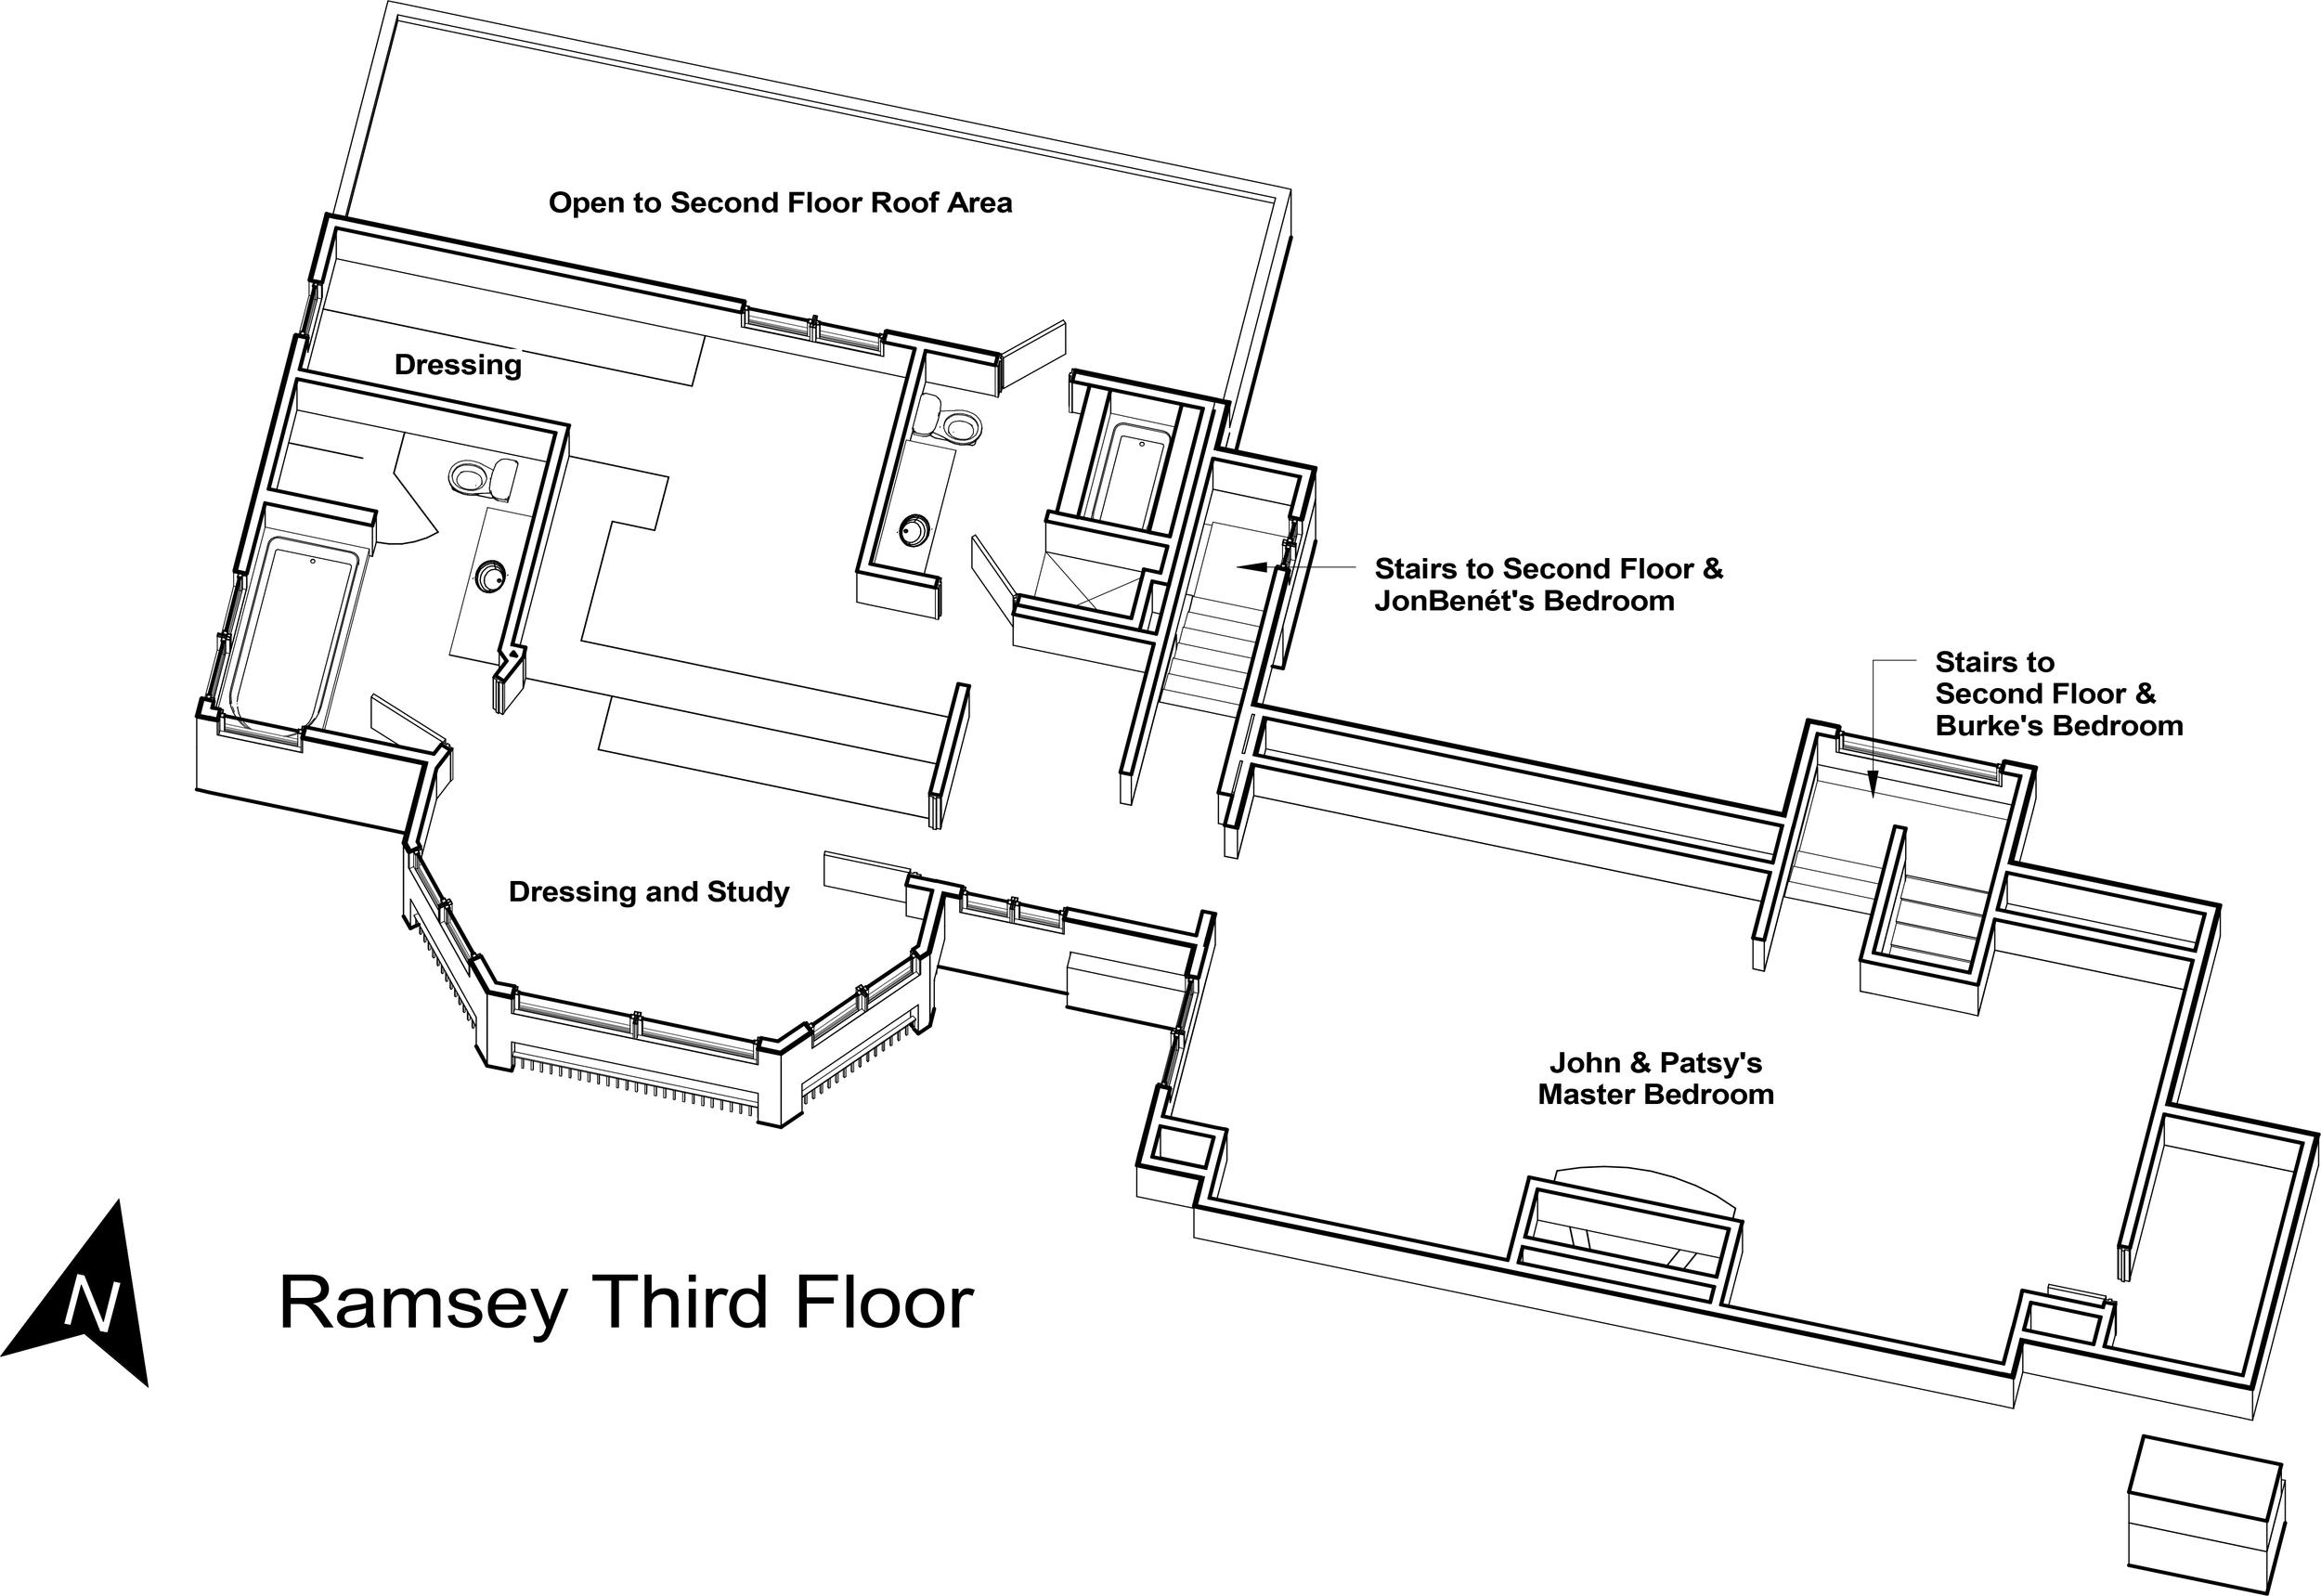 Ramsey Third Floor